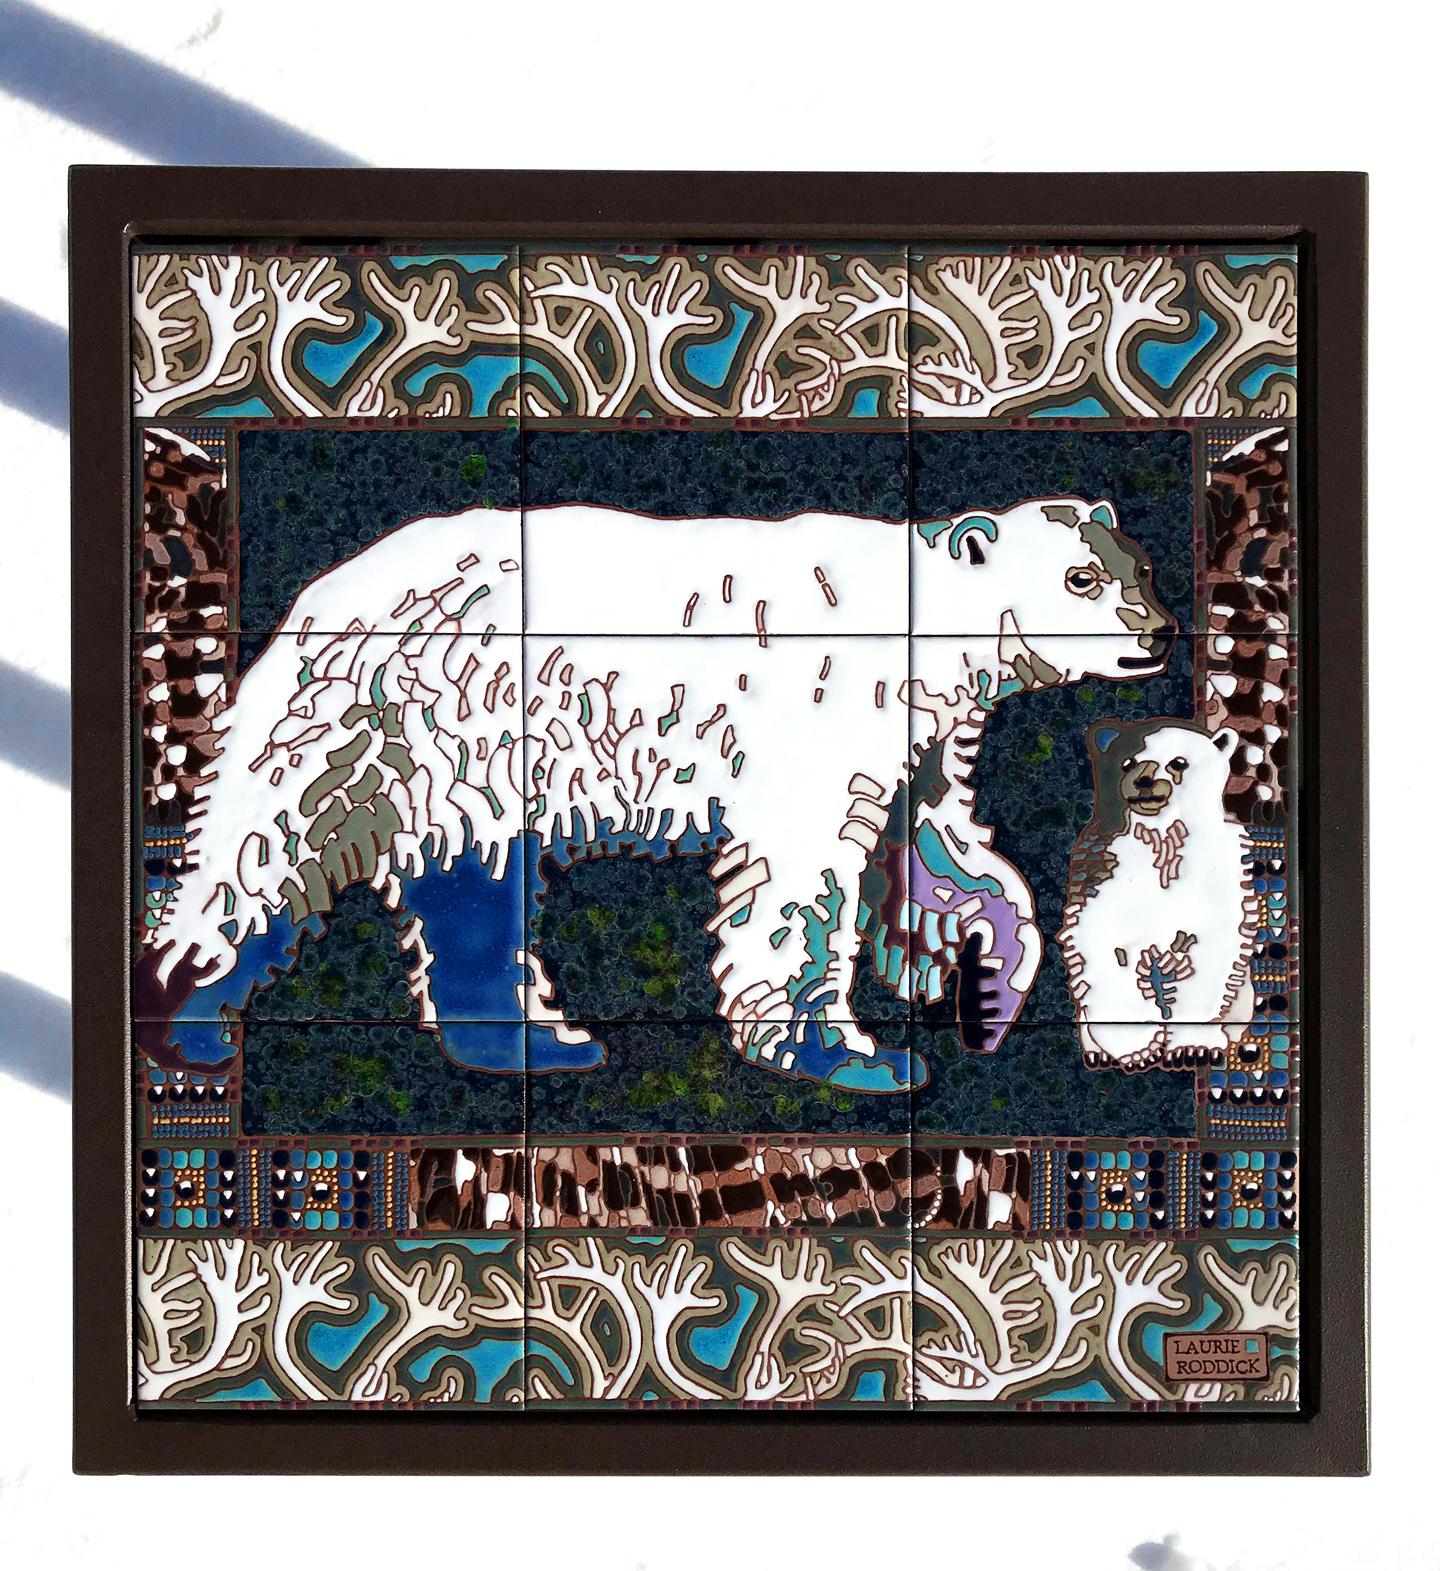 Polar2-72 copy.jpg